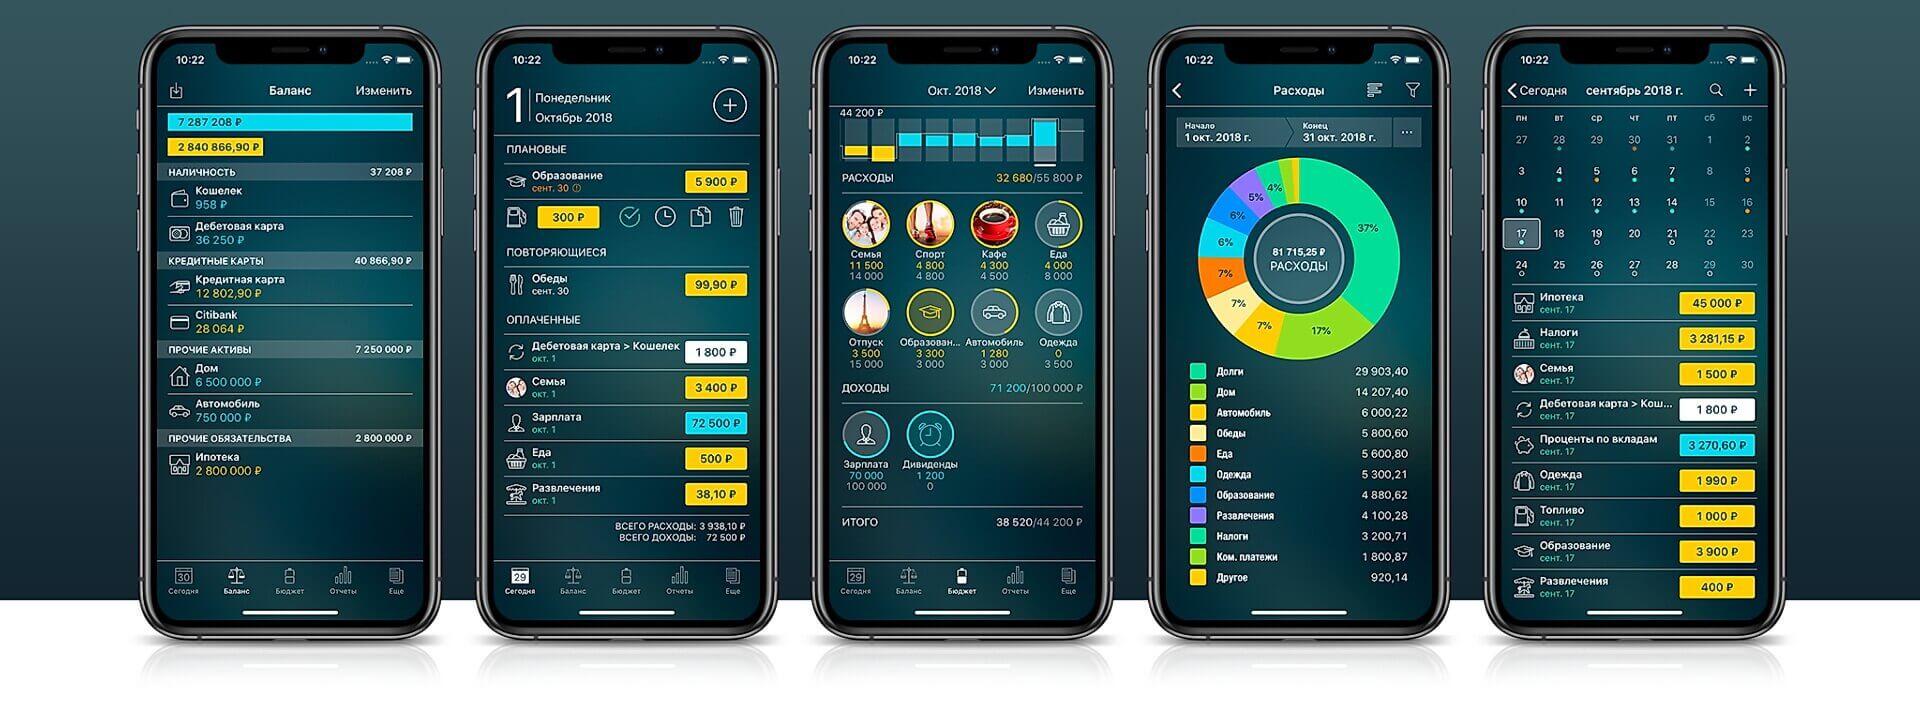 Приложения и заметки для фиксации всех расходов в телефоне